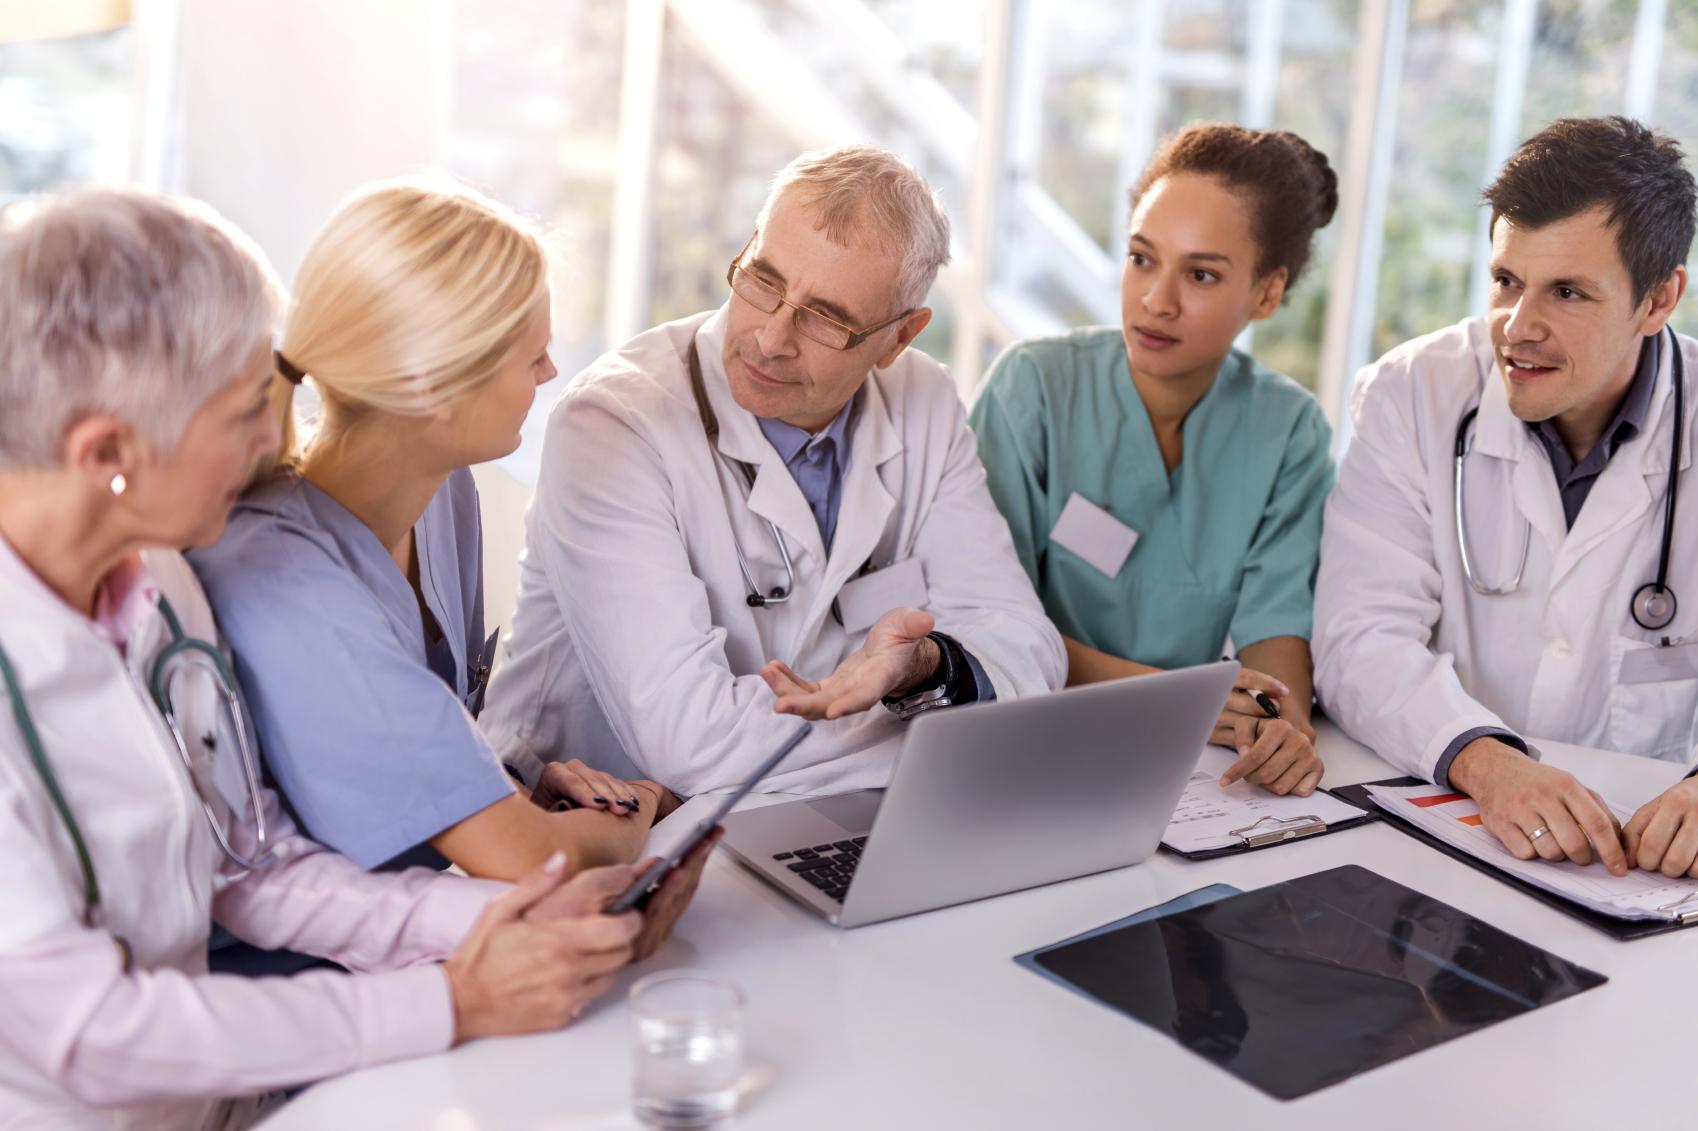 предоставление некачественных медицинских услуг